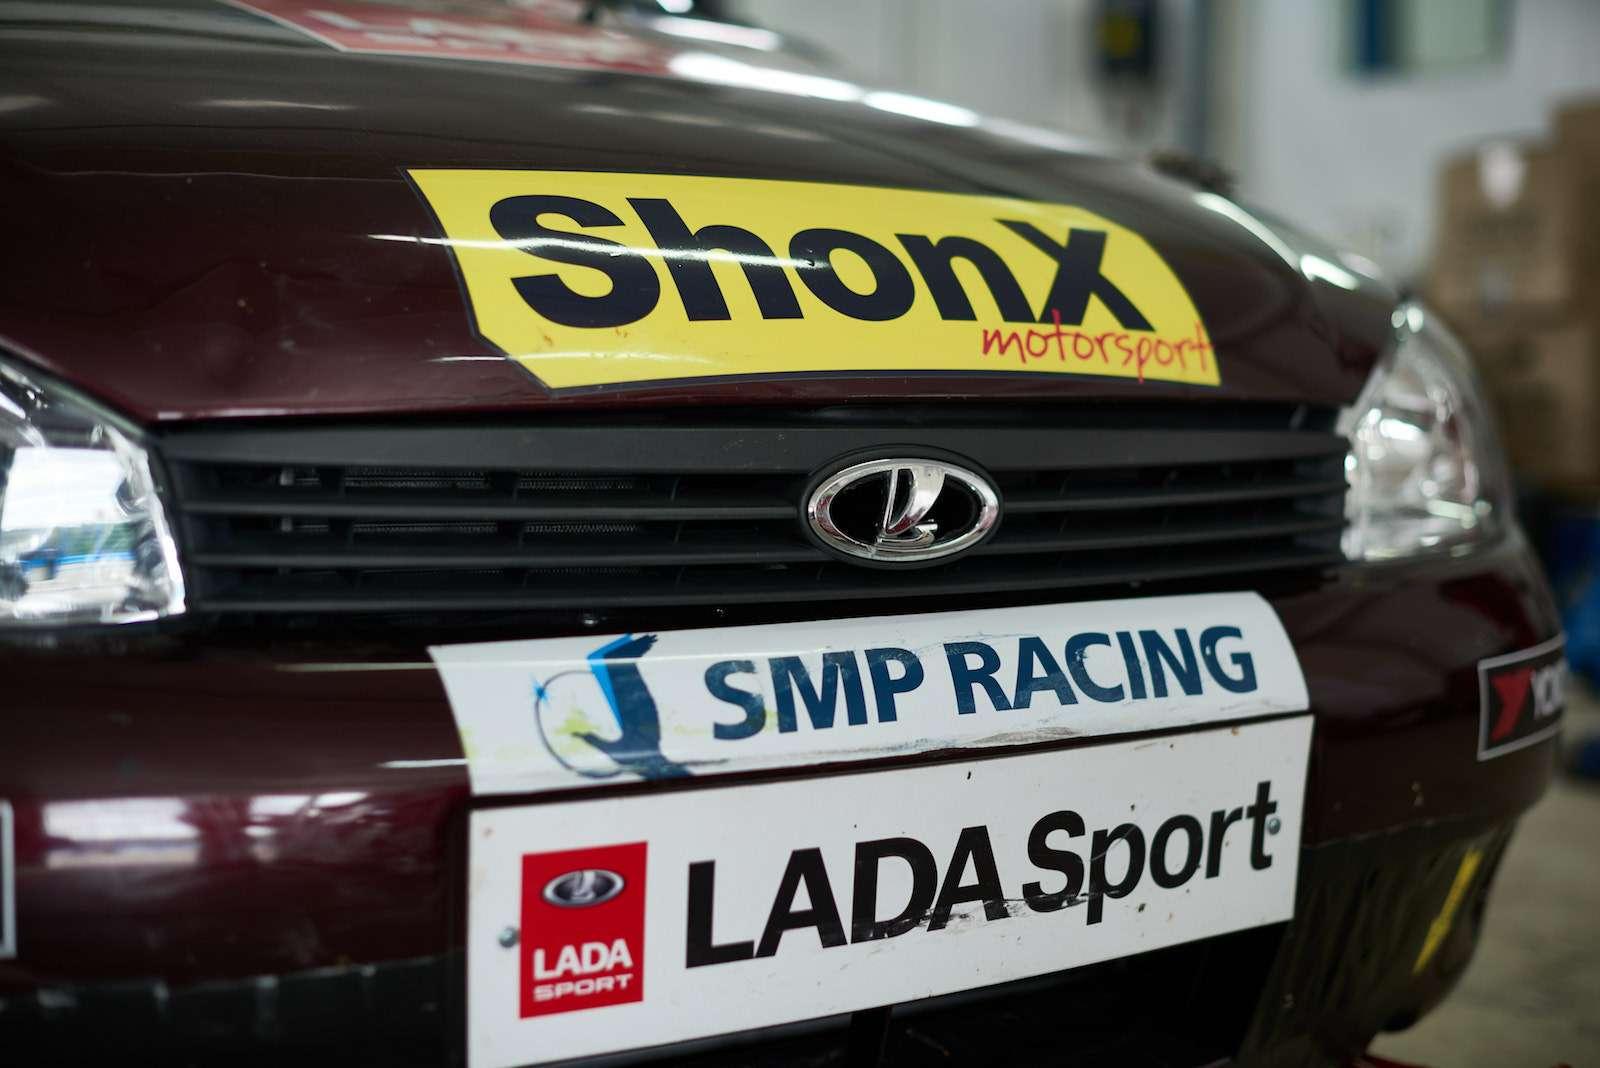 Lada против всех: есть ли уроссийской марки шансы победить вгонках?— фото 591052